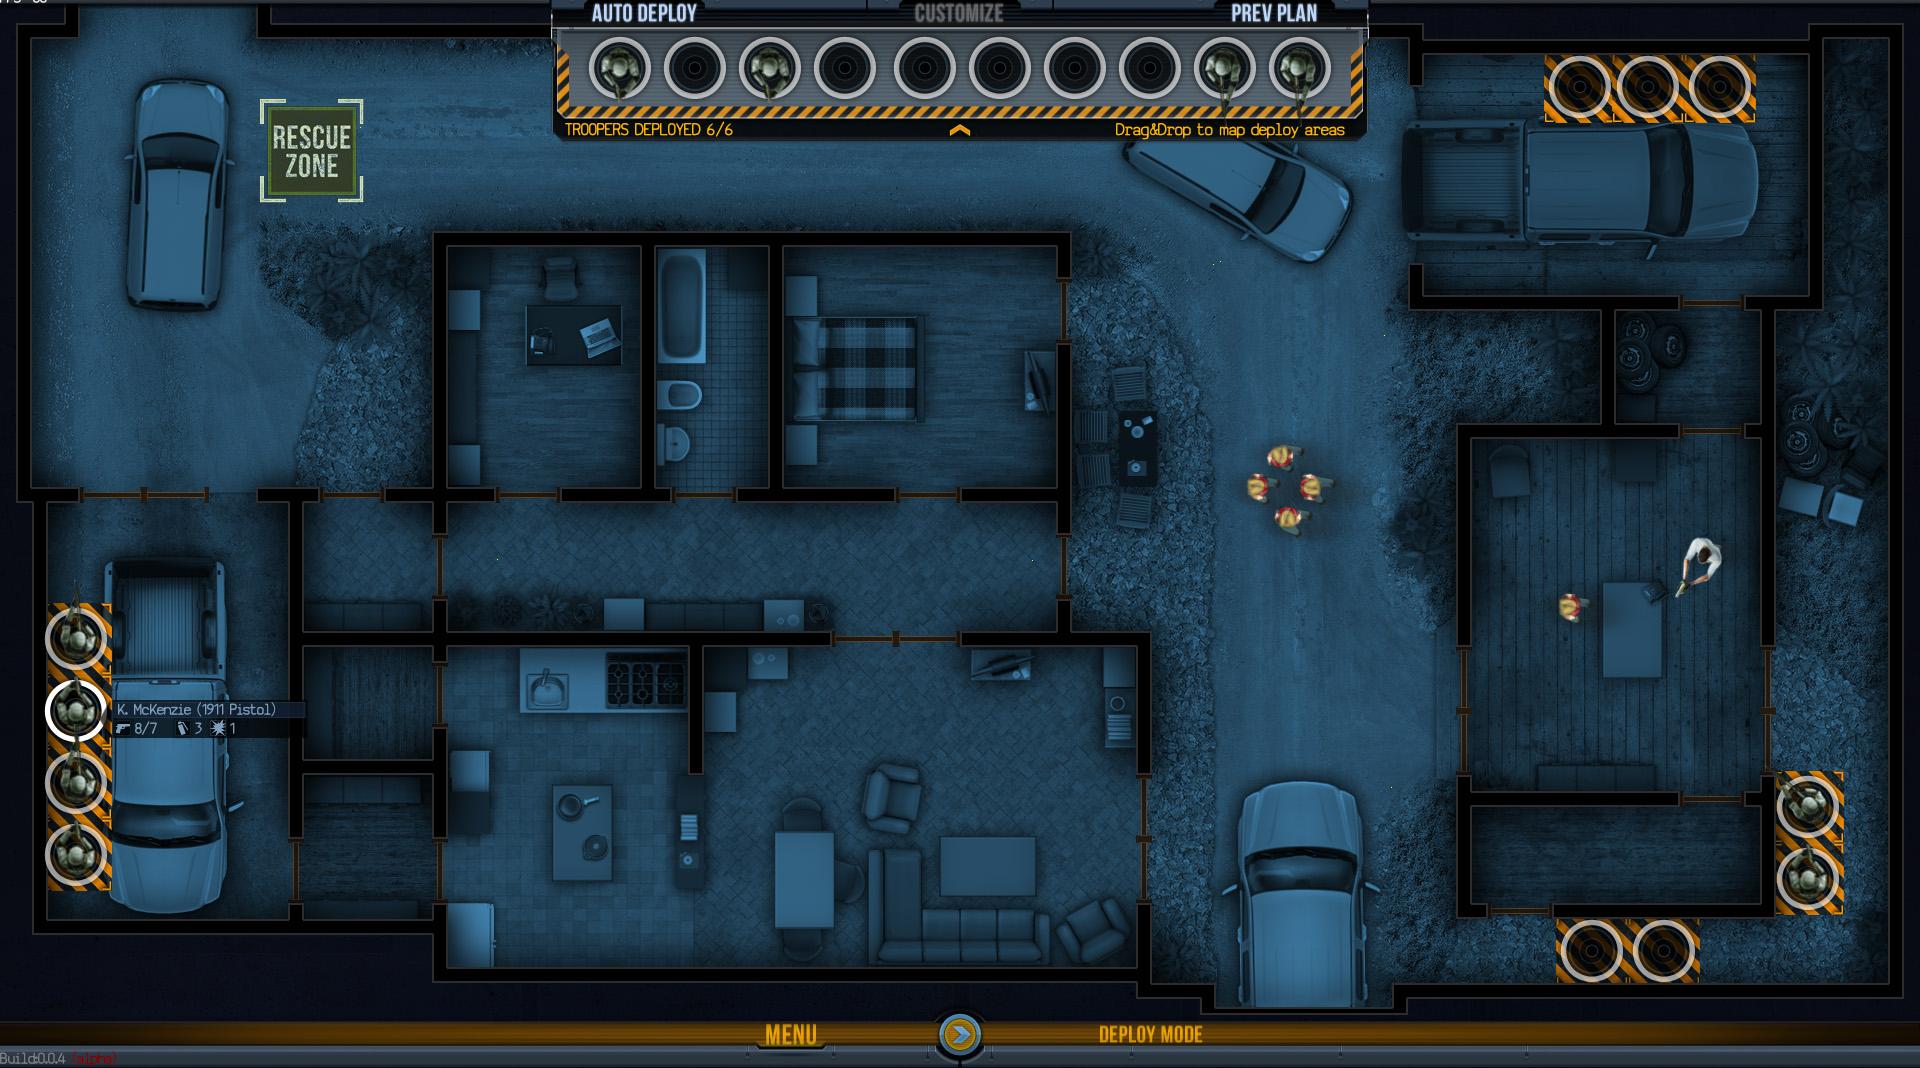 doorkickers-screenshot-006